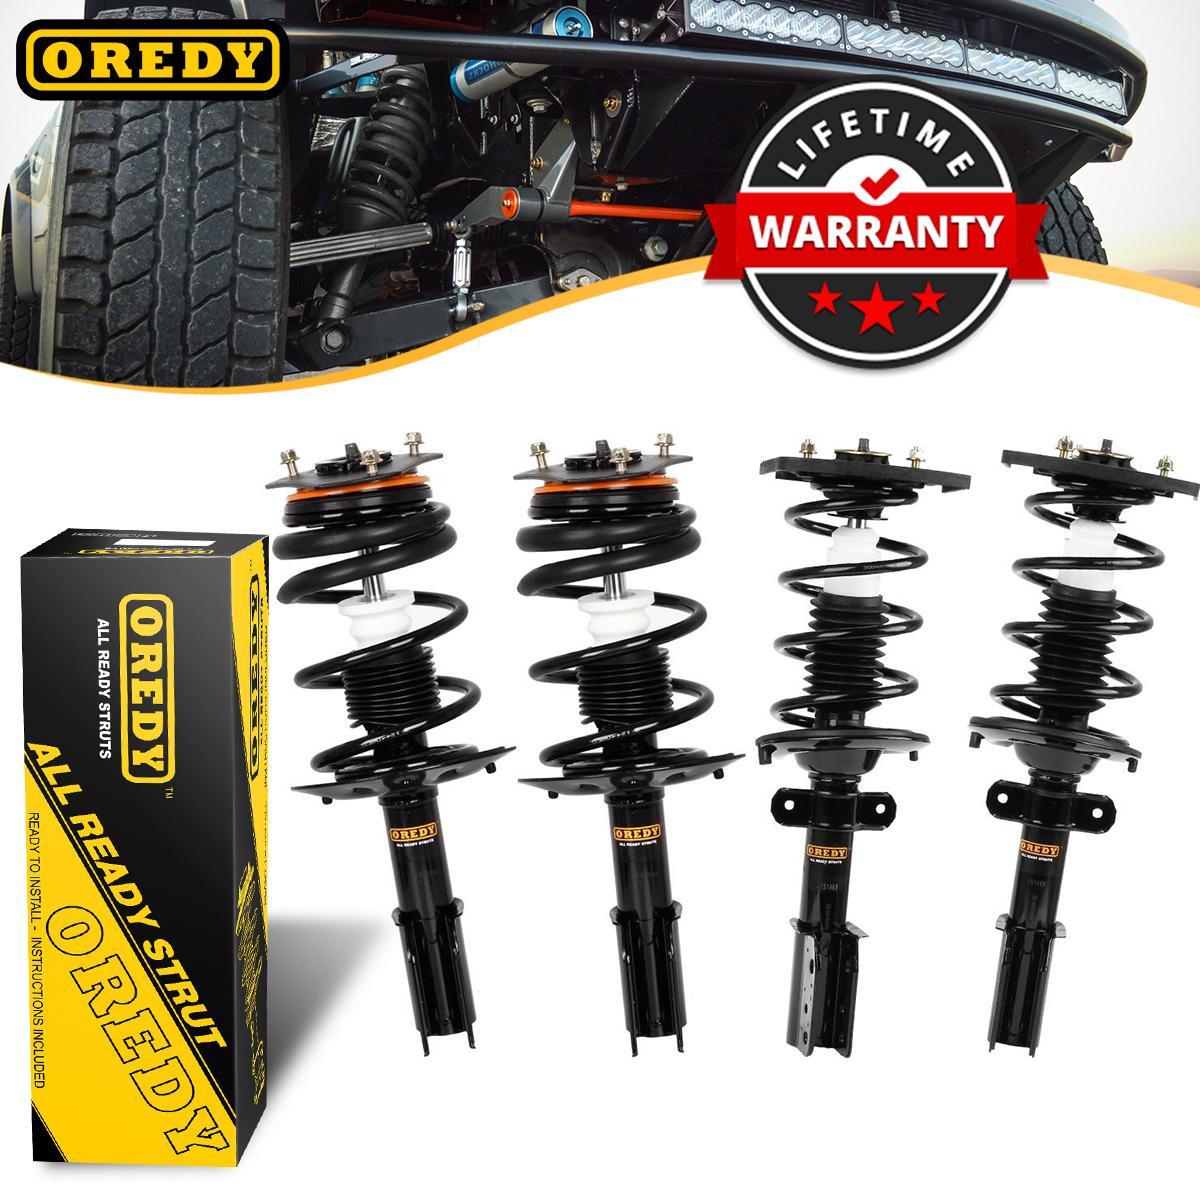 Set 2 Rear Shocks Struts /& Coil Springs For 97-04 REGAL 97-03 GRAND PRIX